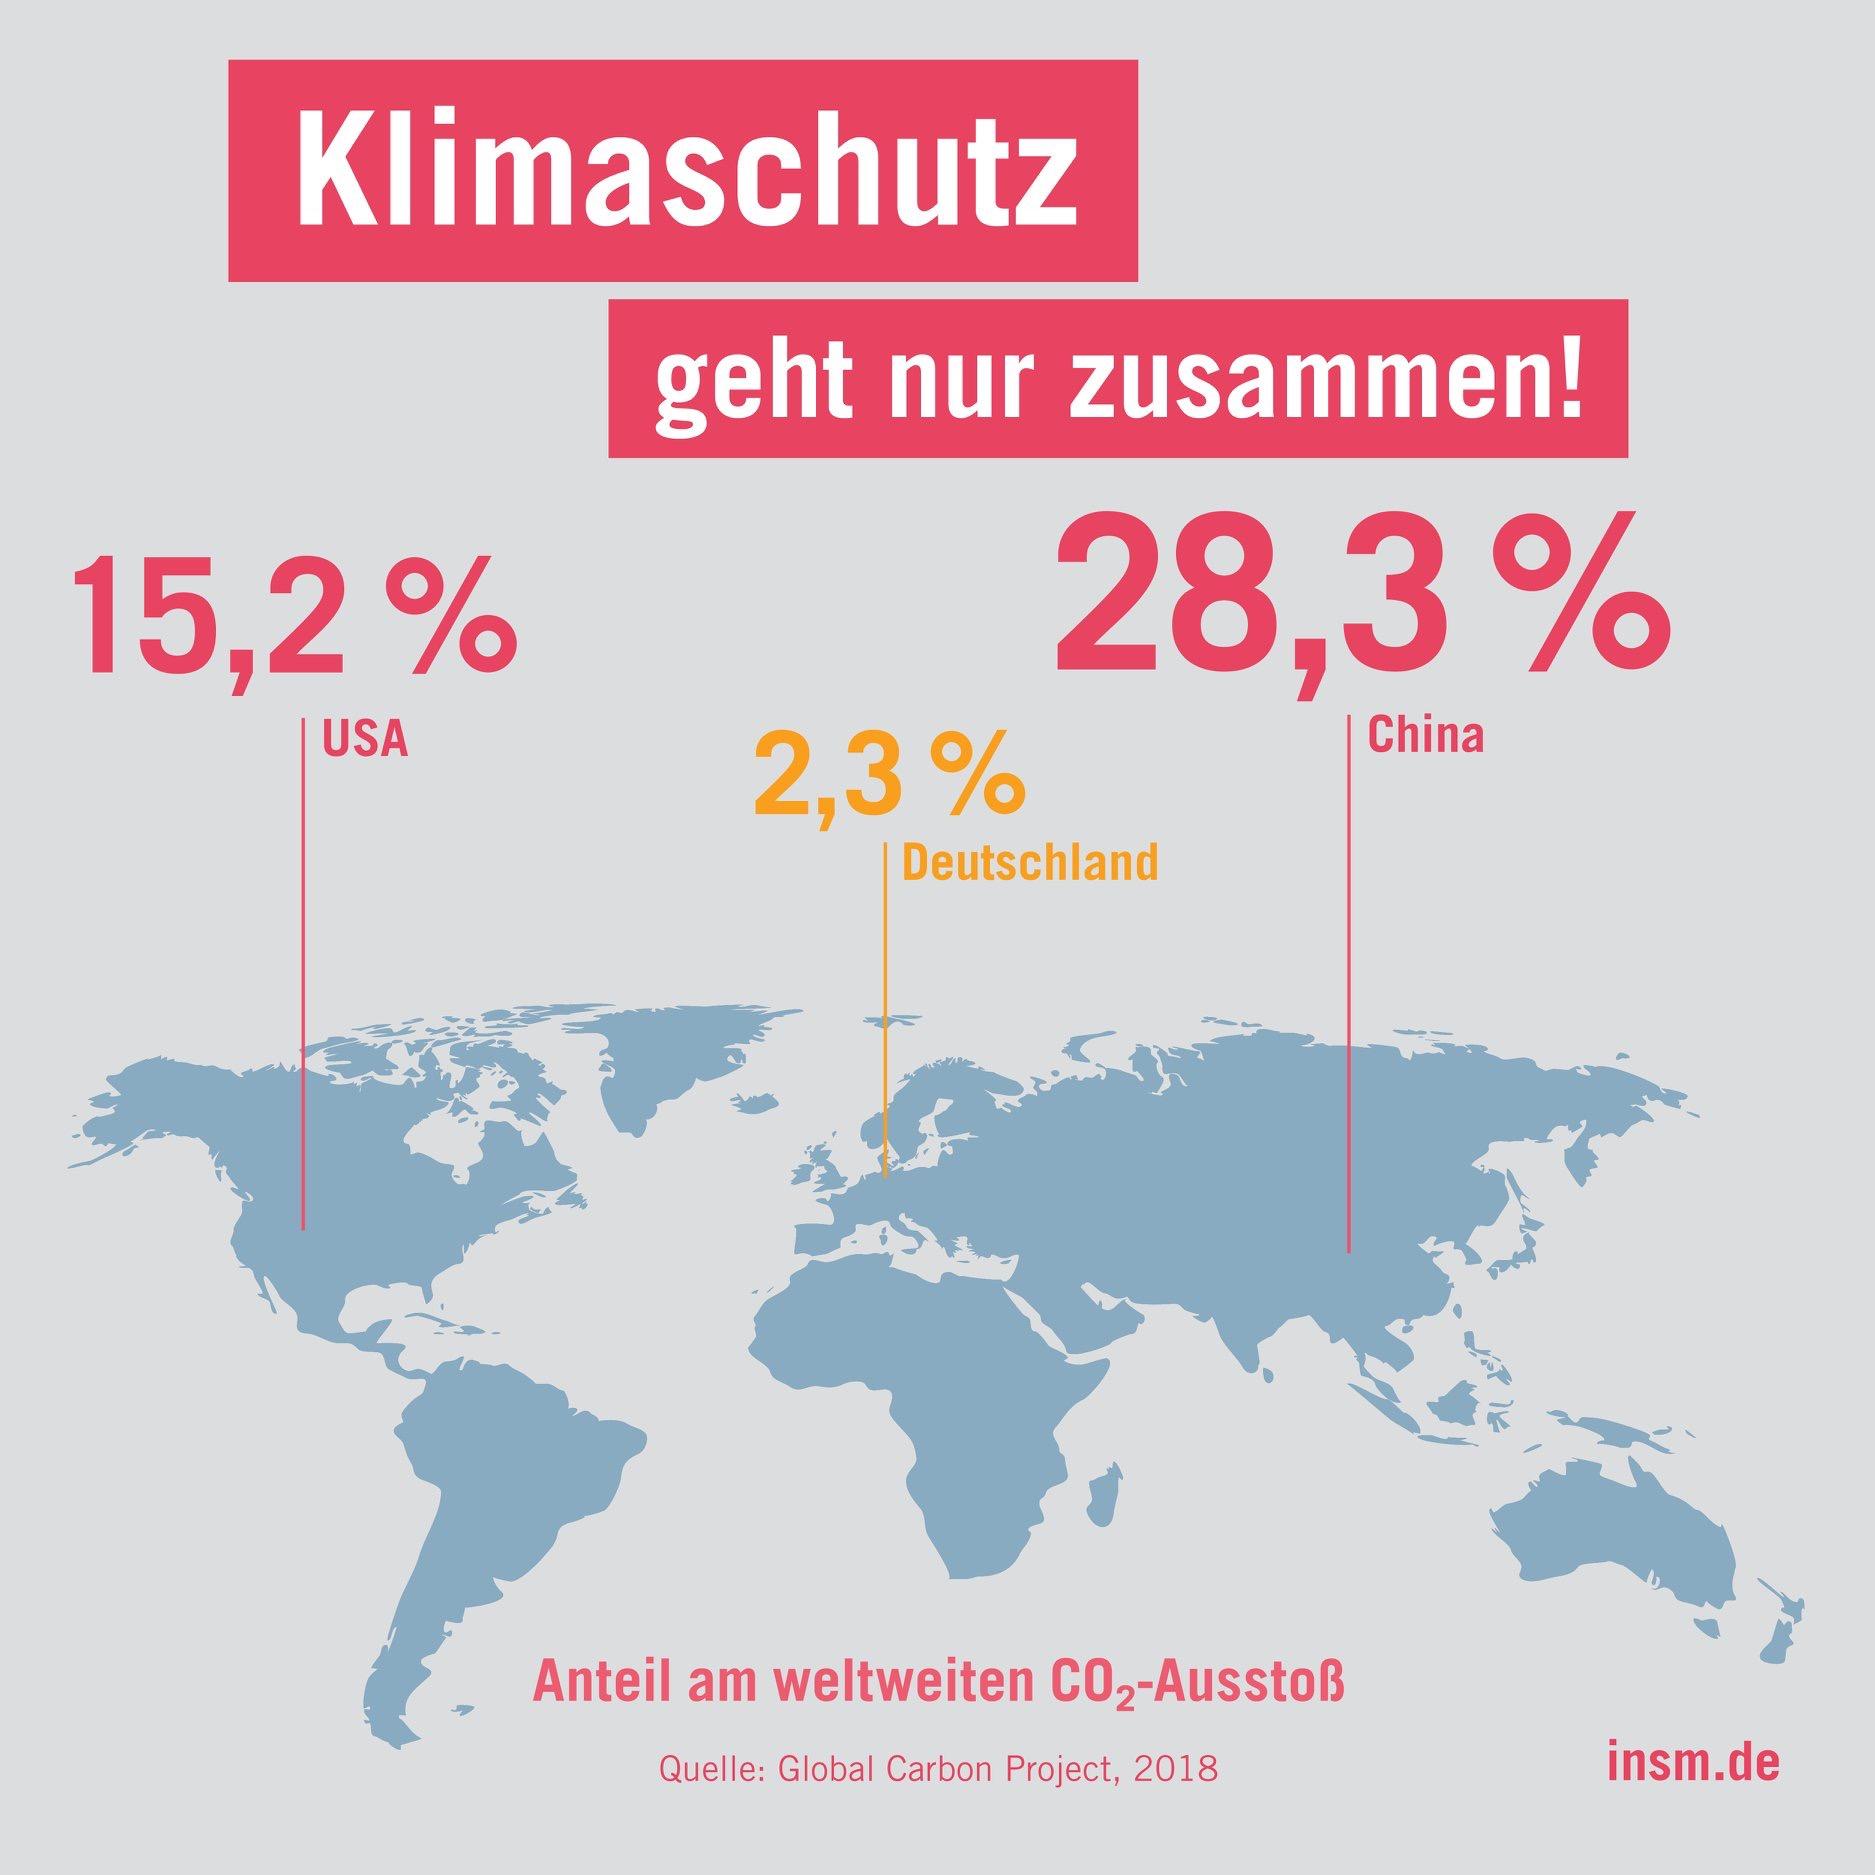 Co2 Deutschland